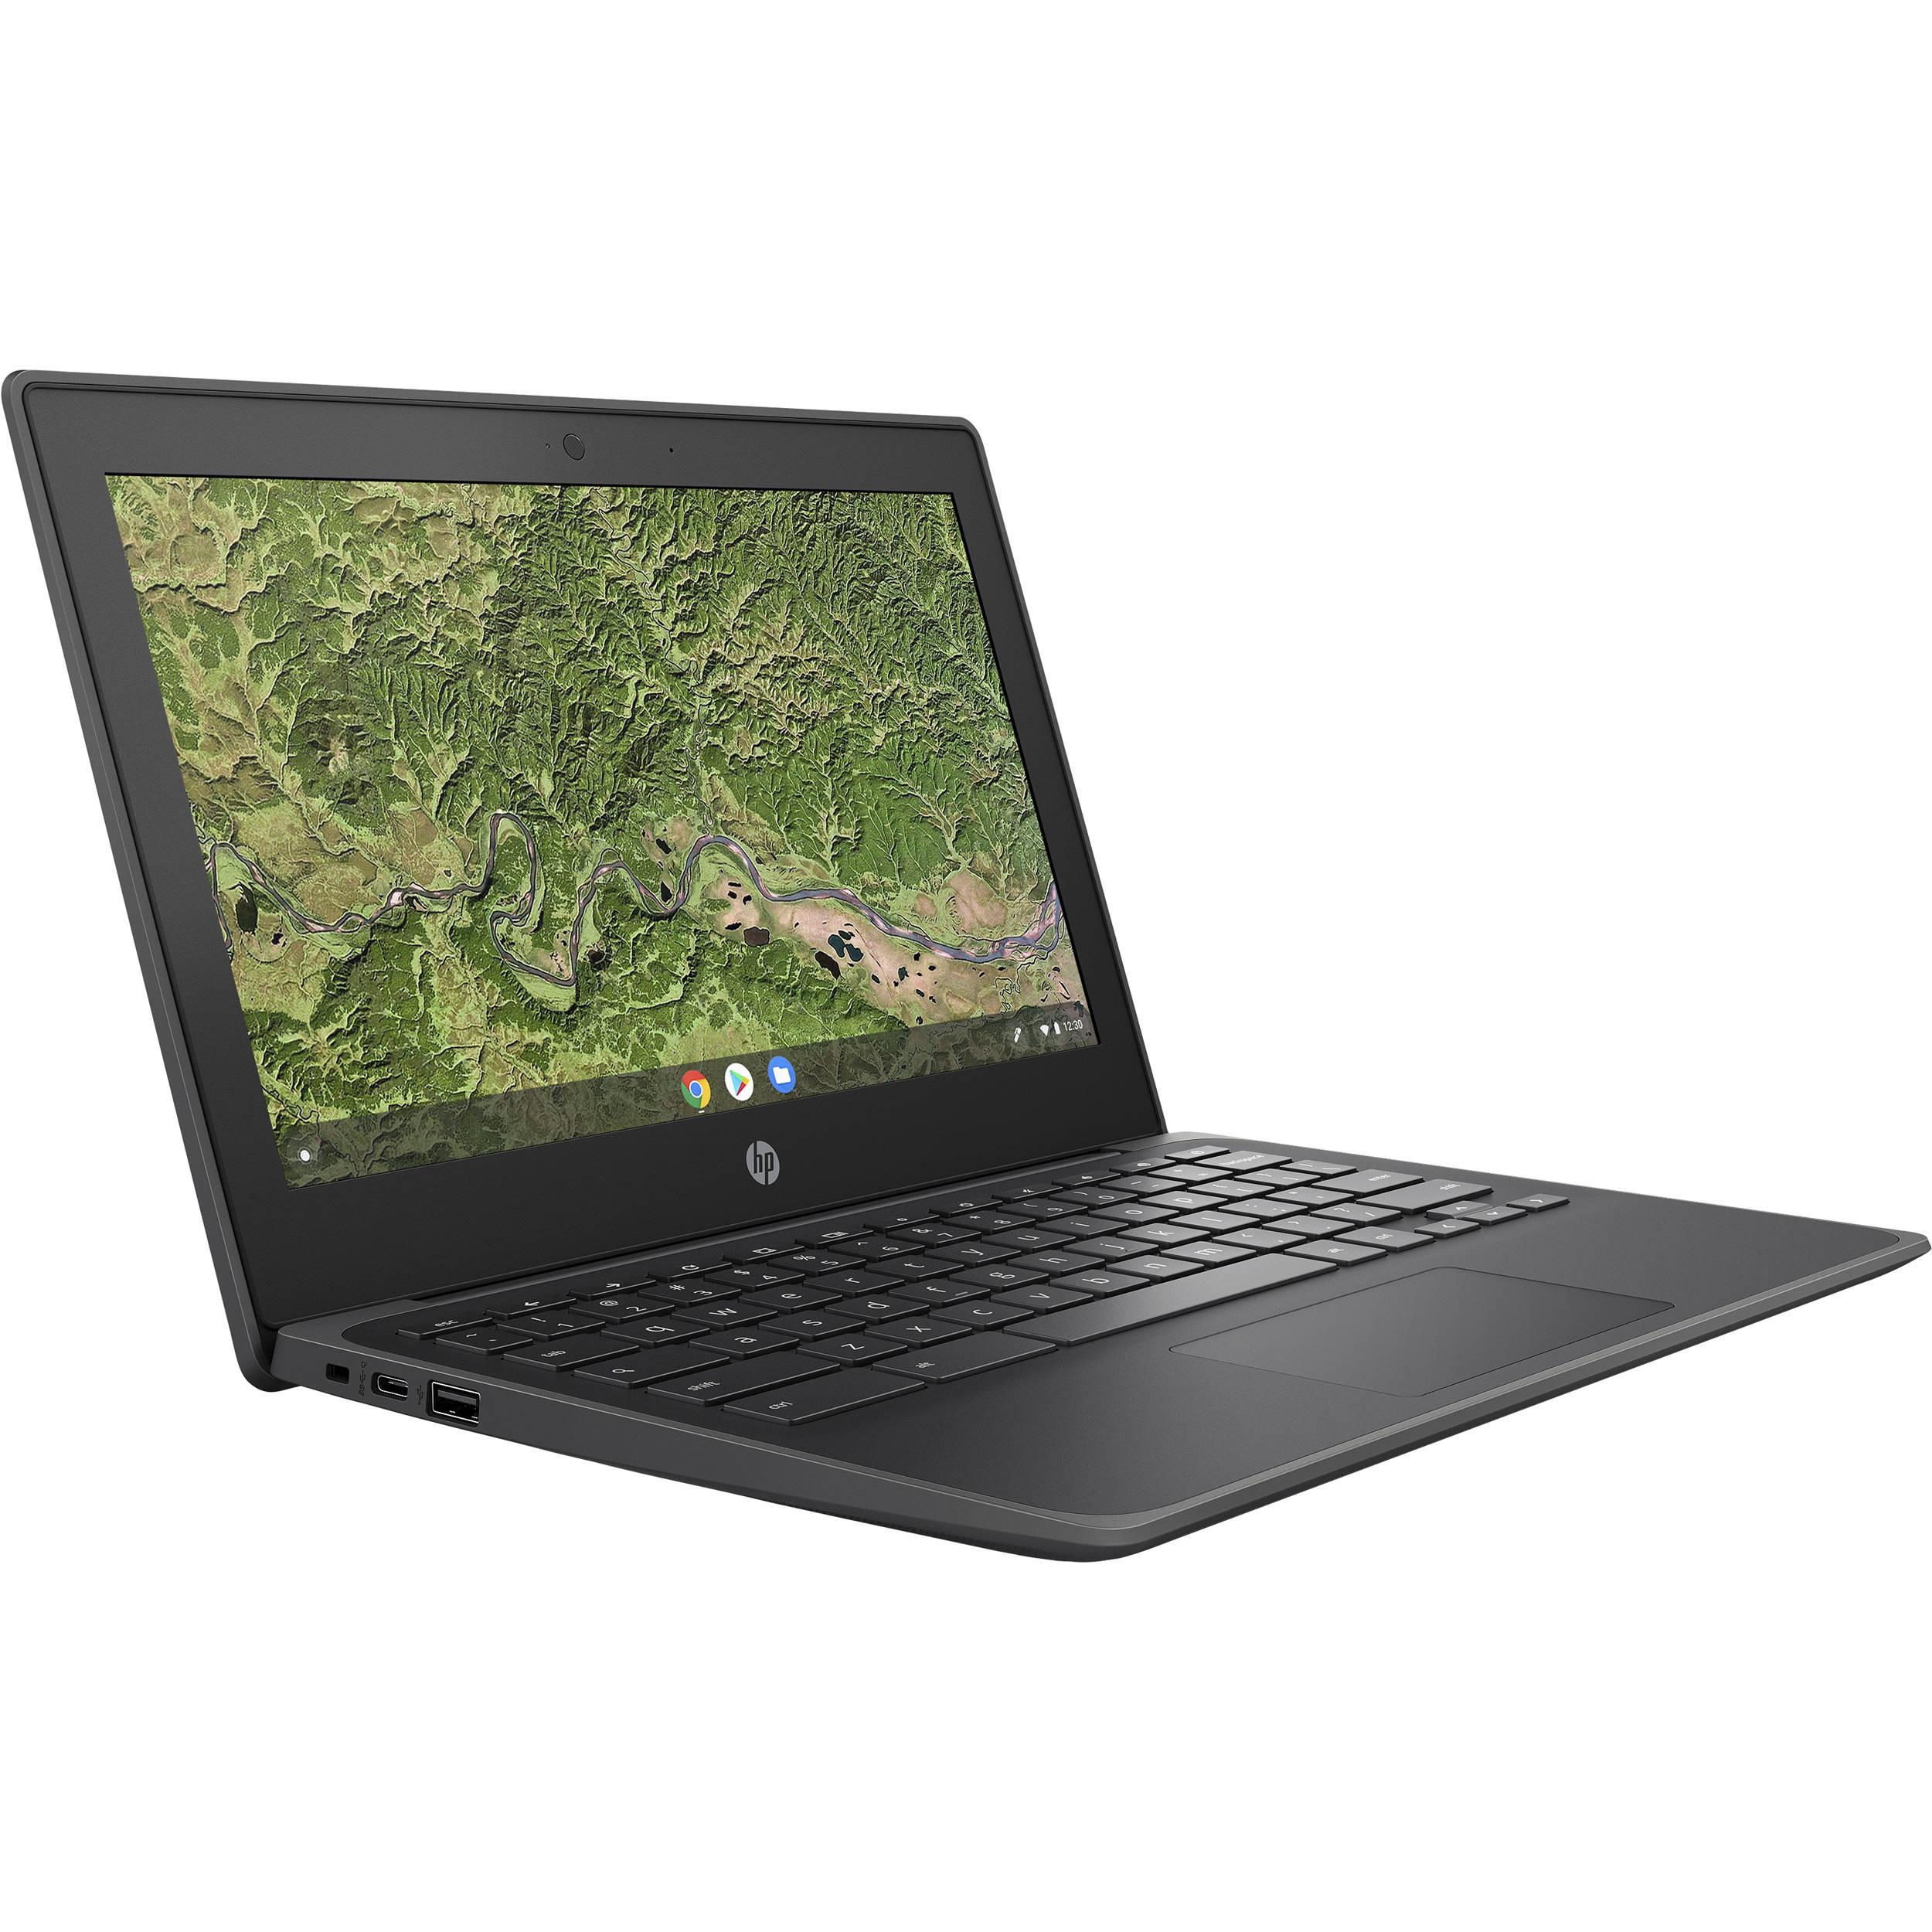 Lenovo 300e Chromebook 2nd Gen 82CE000BCF 11.6